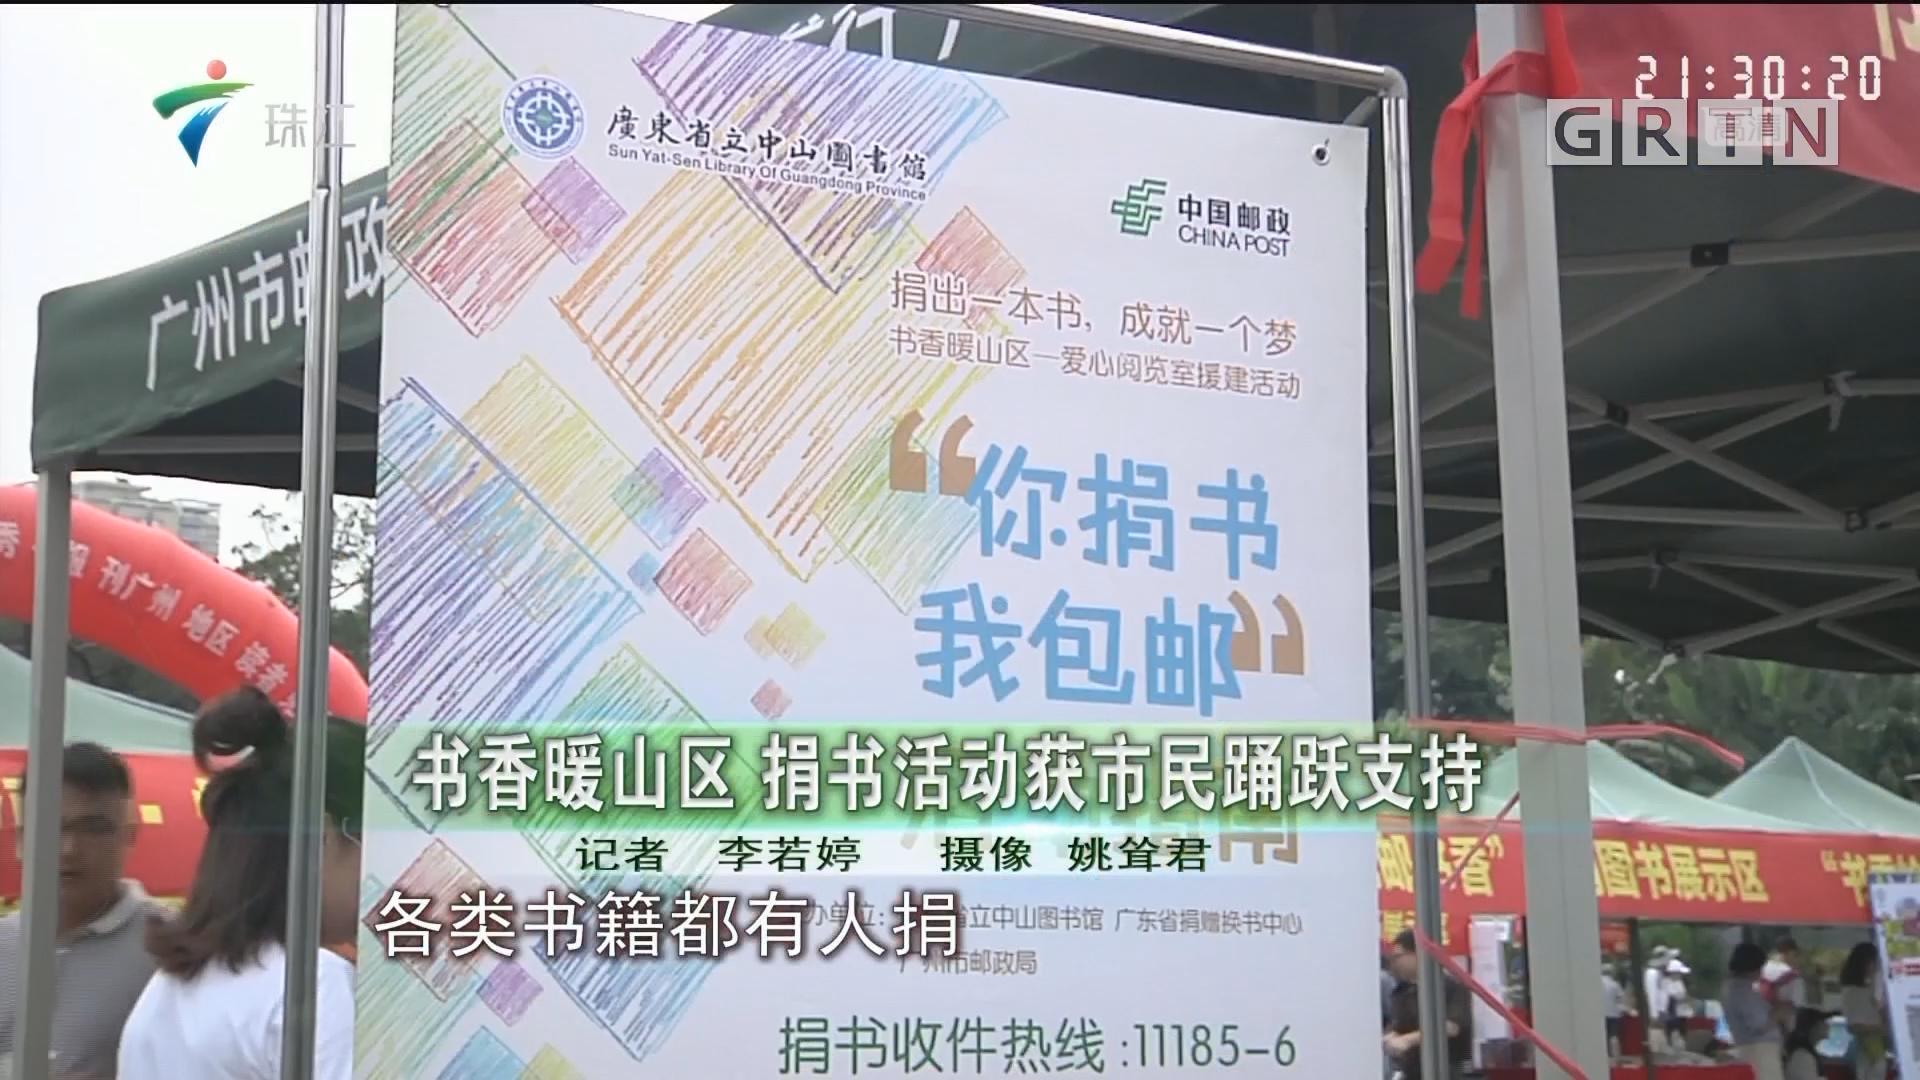 书香暖山区 捐书活动获市民踊跃支持